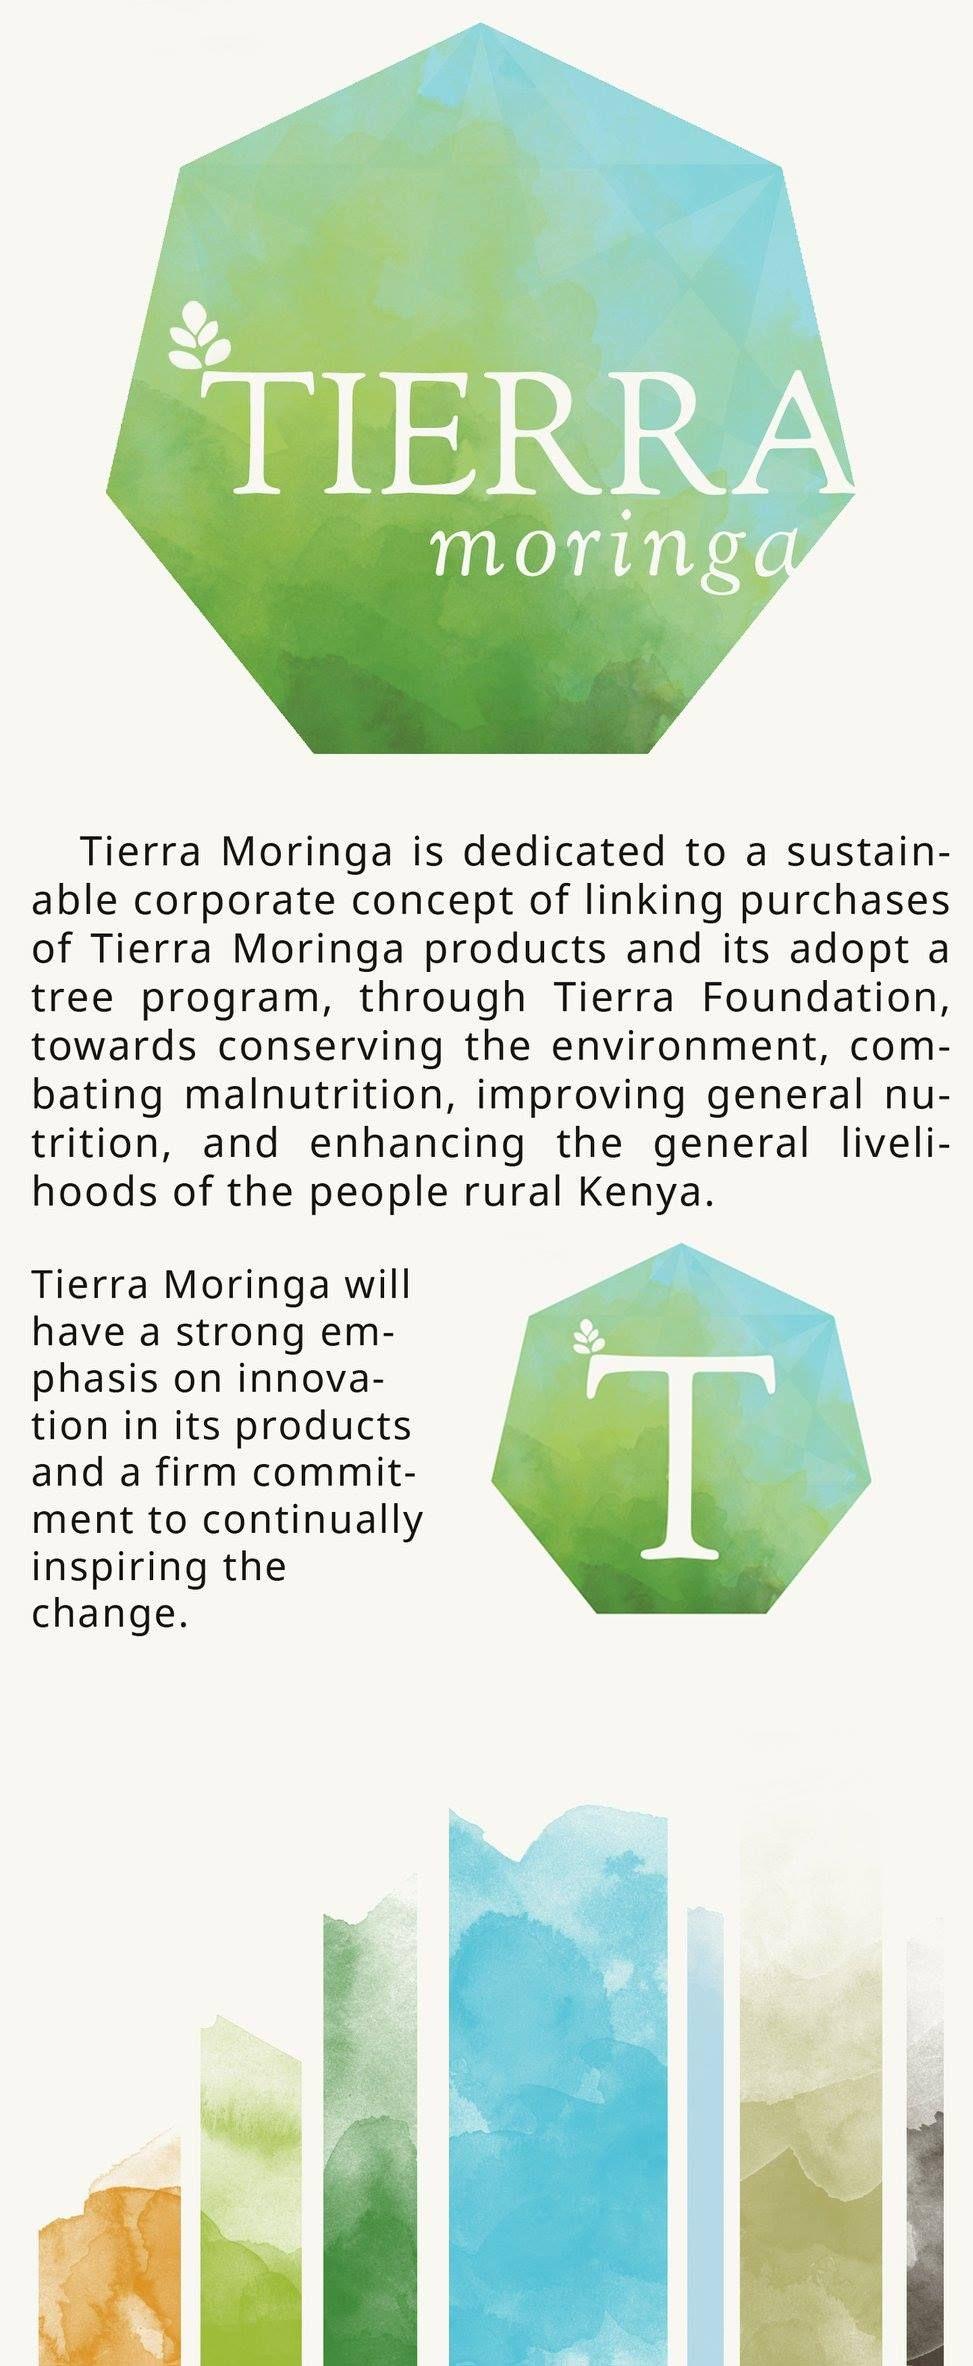 Branding board for Tierra Moringa, a socially responsible